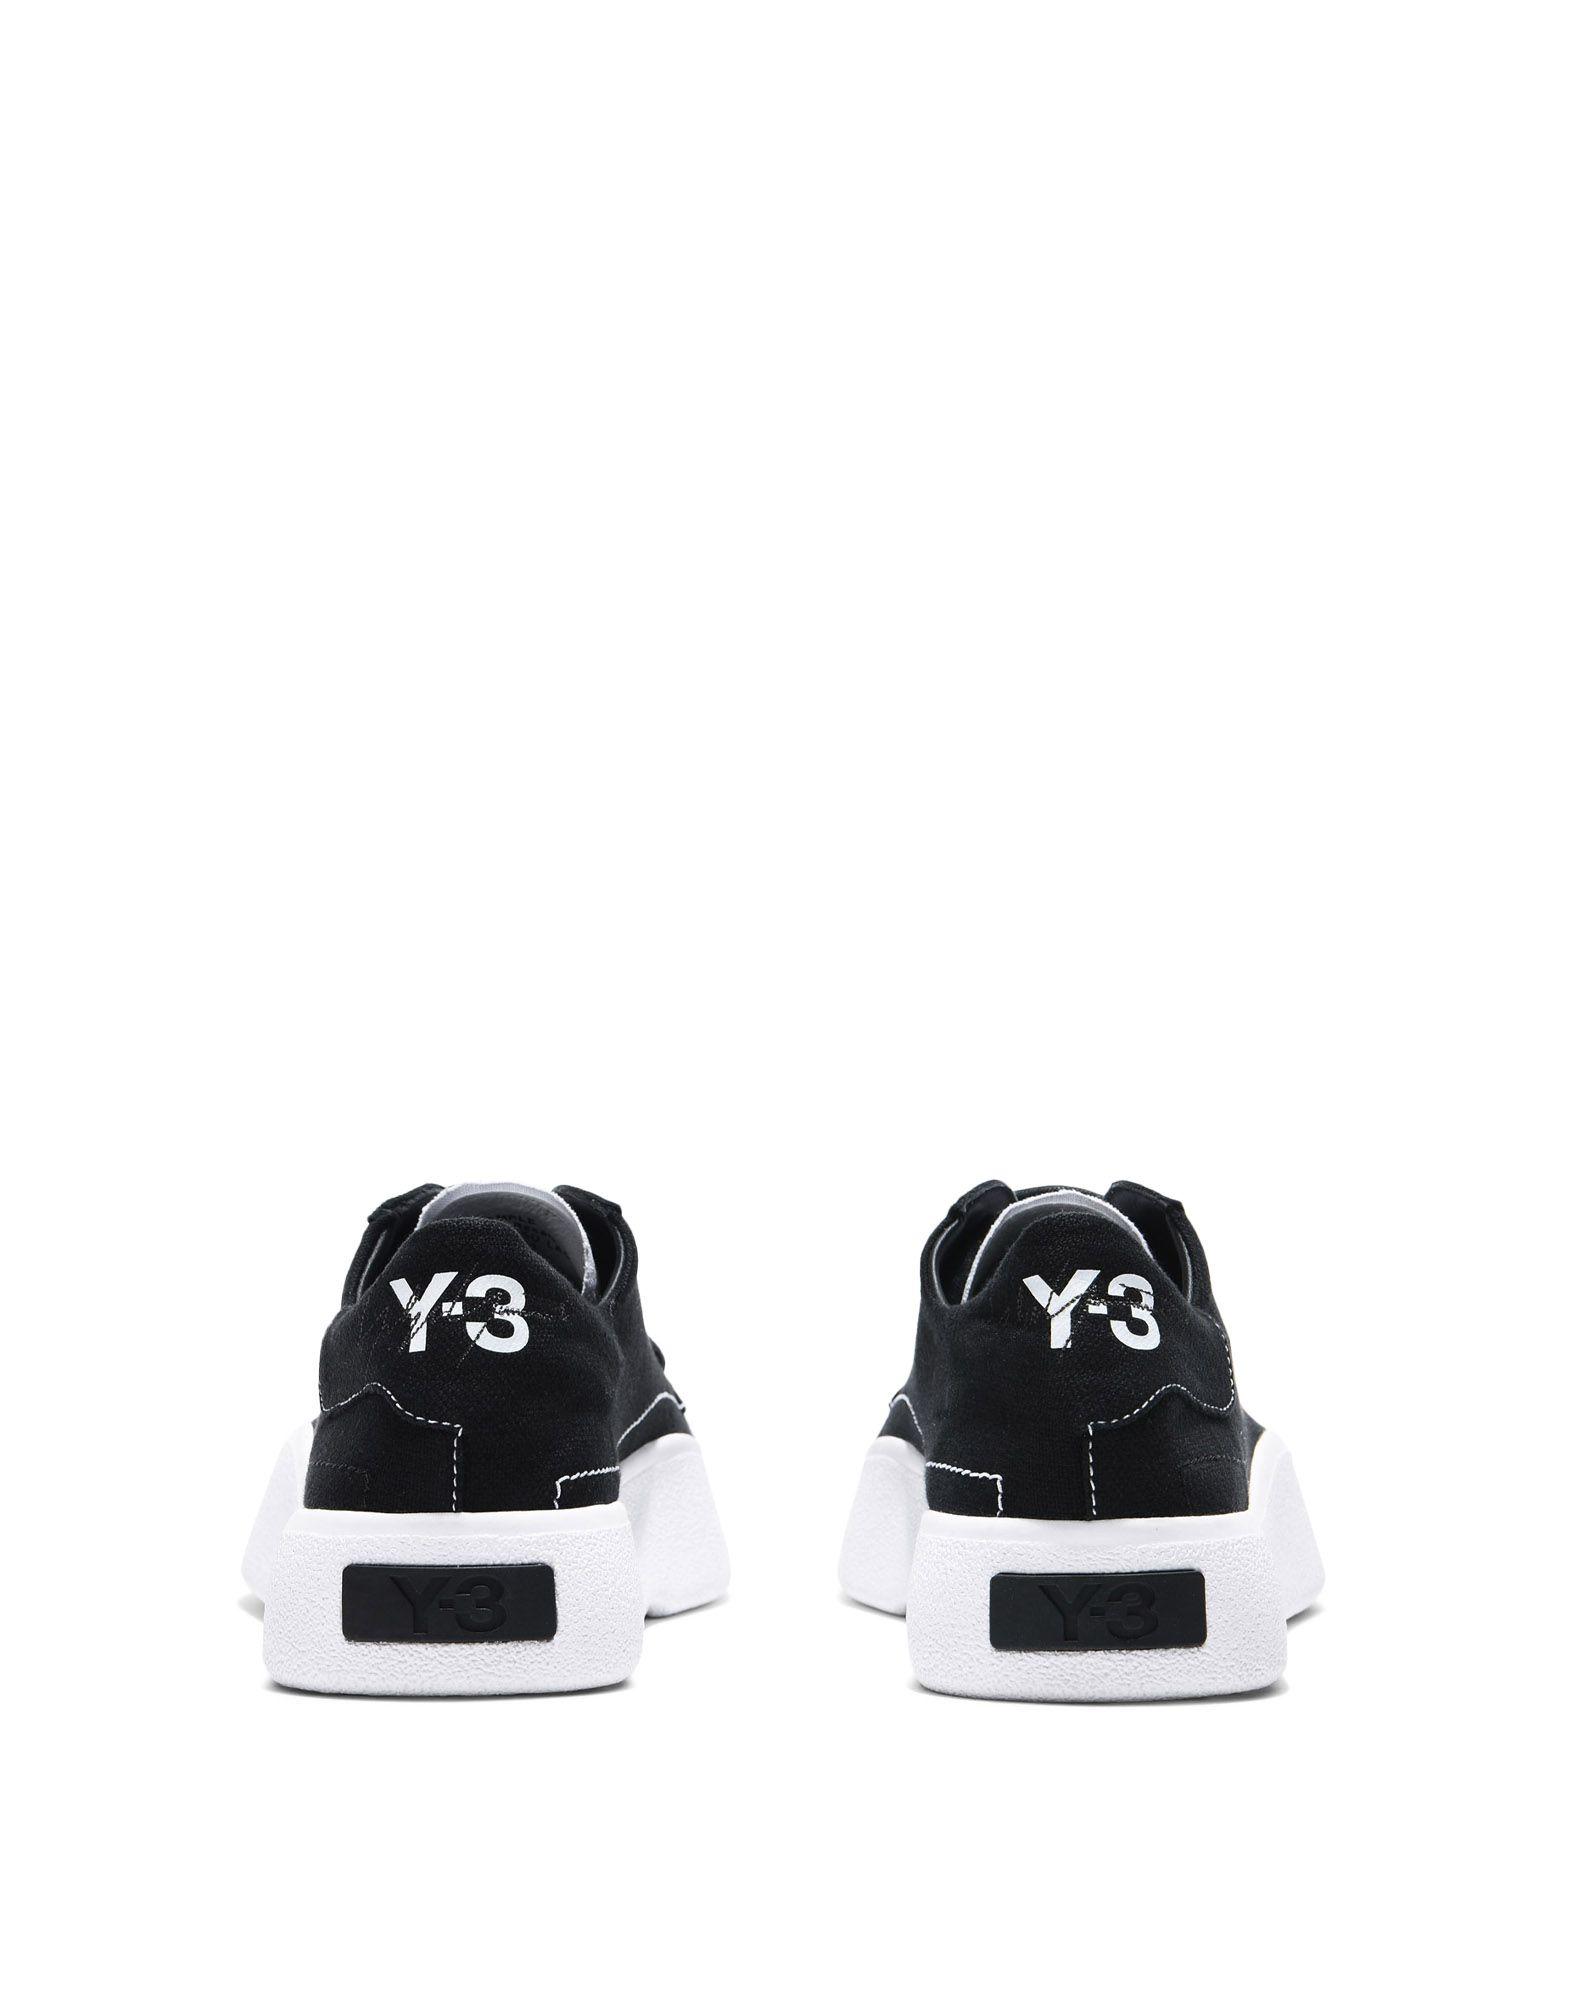 Y-3 Tangutsu Lace SHOES unisex Y-3 adidas